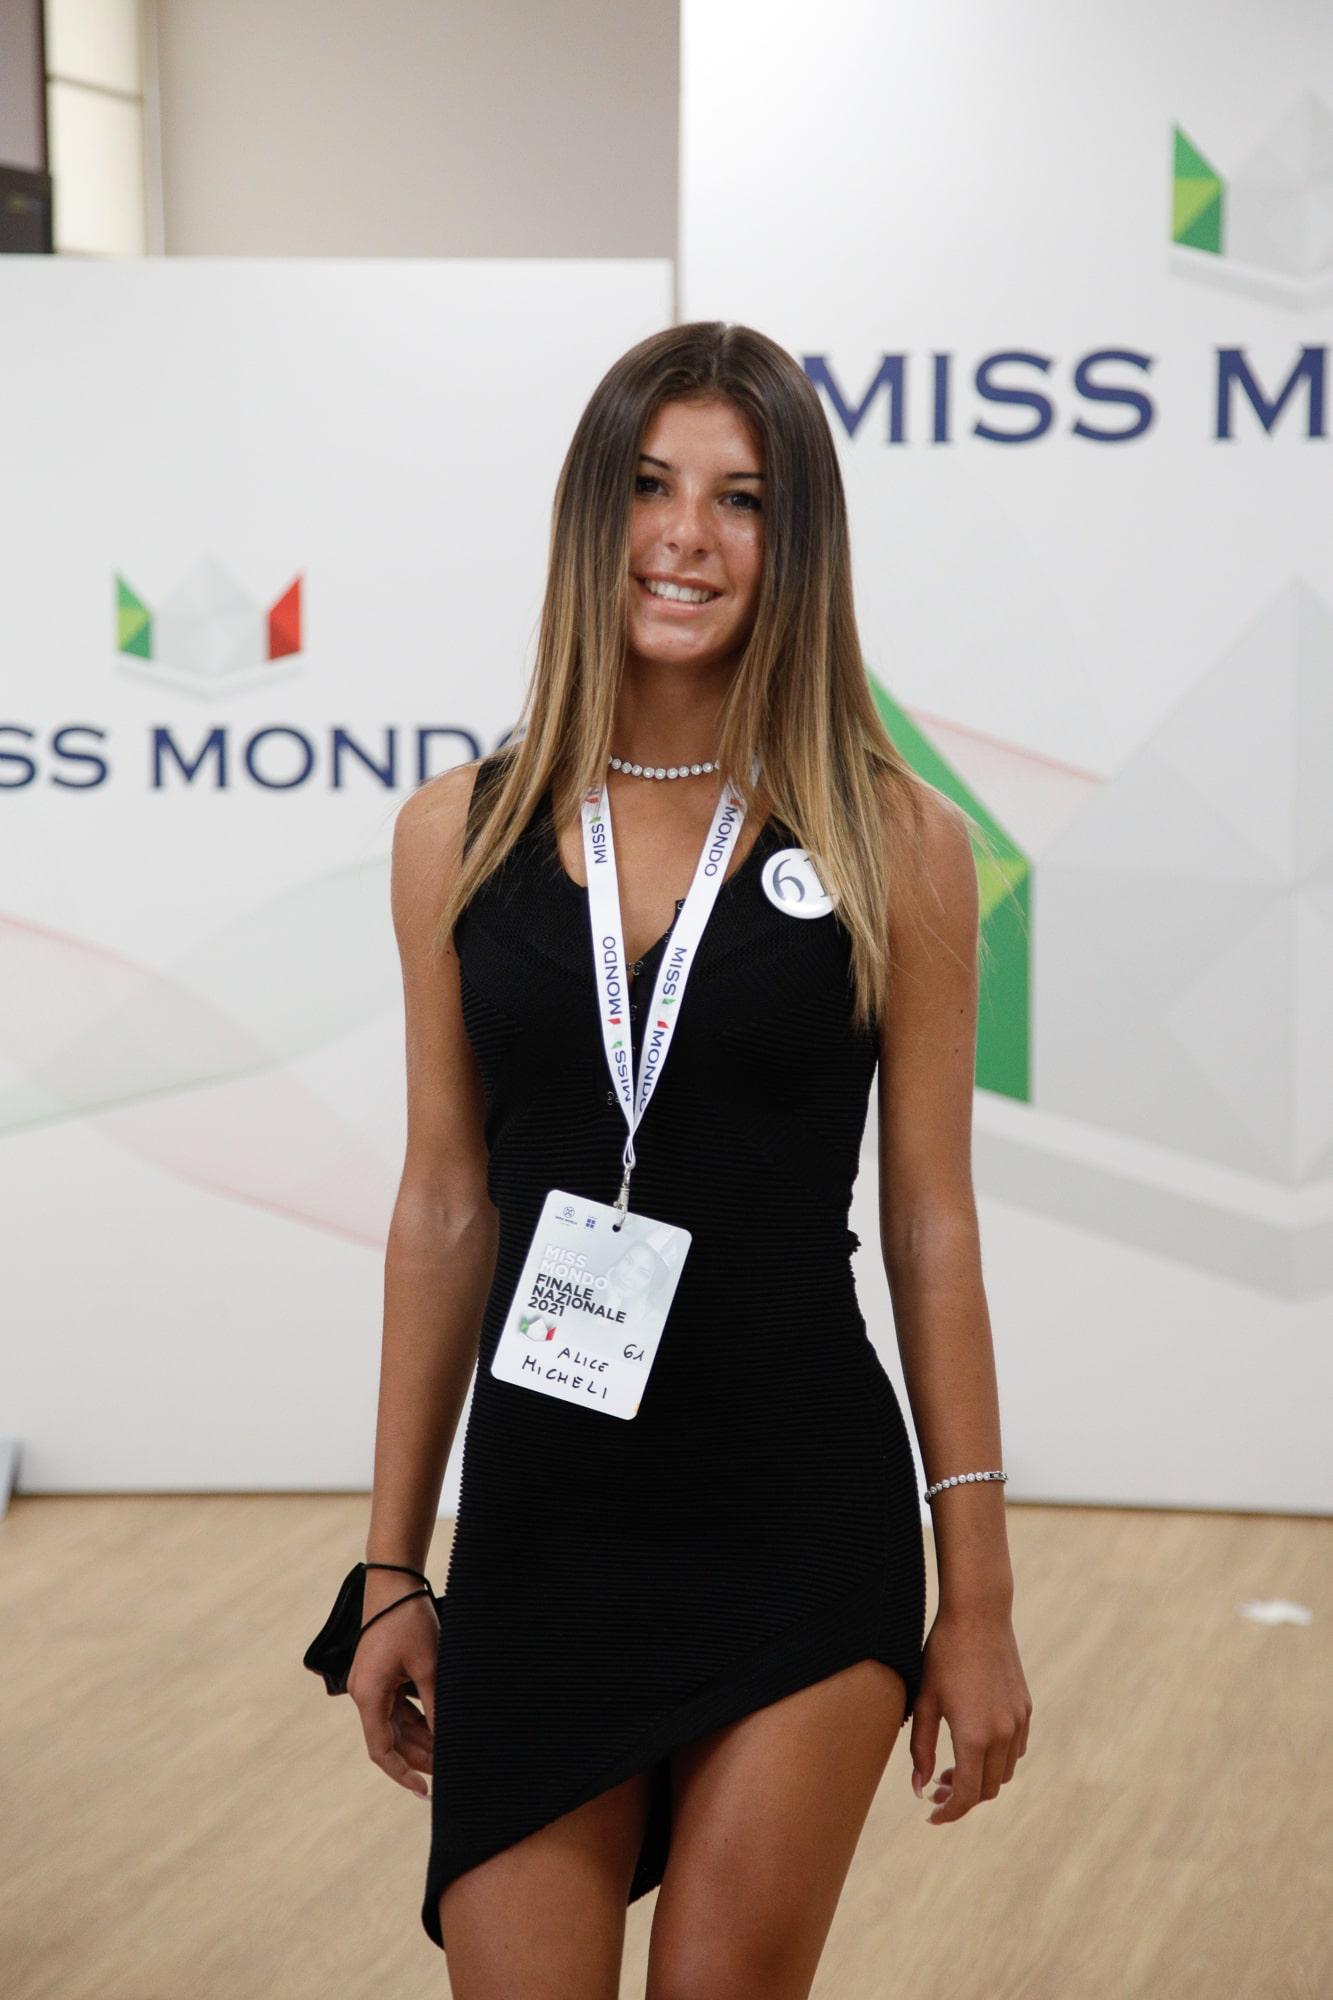 Terzo passaggio giuria per le ragazze di Missmondo Italia 2021 - 28